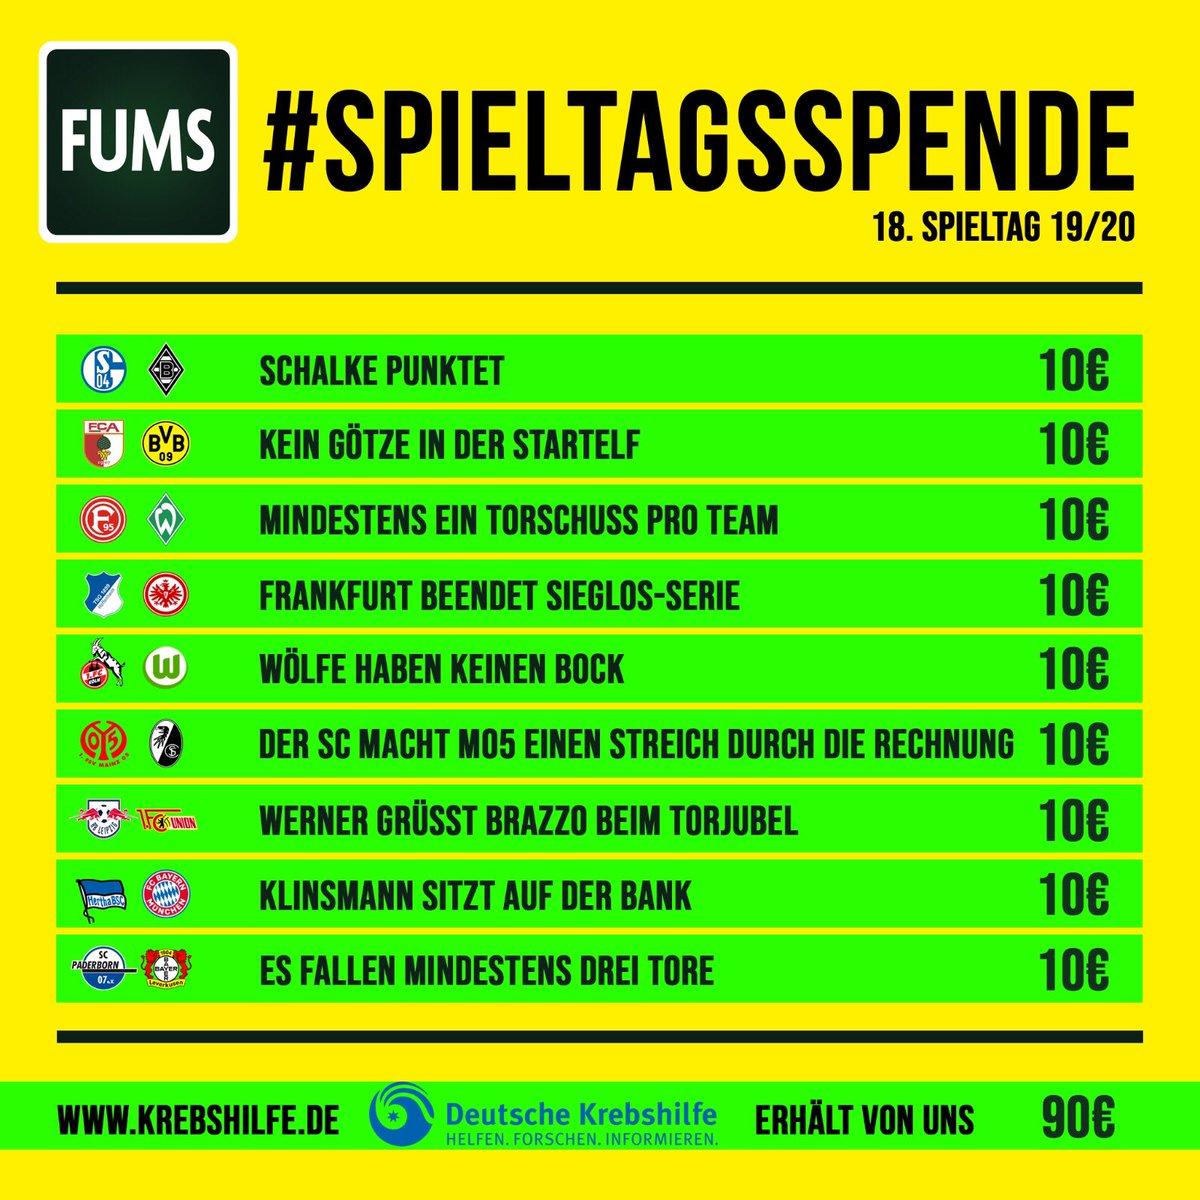 DING DING DING DINGGGG! Das erste Mal ist unser #SPIELTAGSSPENDE-Schein volle Möhre aufgegangen, jedes Spiel ein Treffer, volle 90 Euro gehen an die Deutsche Krebshilfe. FUSSBALL MACHT SPASS – und so noch ein kleines bisschen mehr, oder? __ Alle Infos: fumsmagazin.de/news/bundeslig… 💥